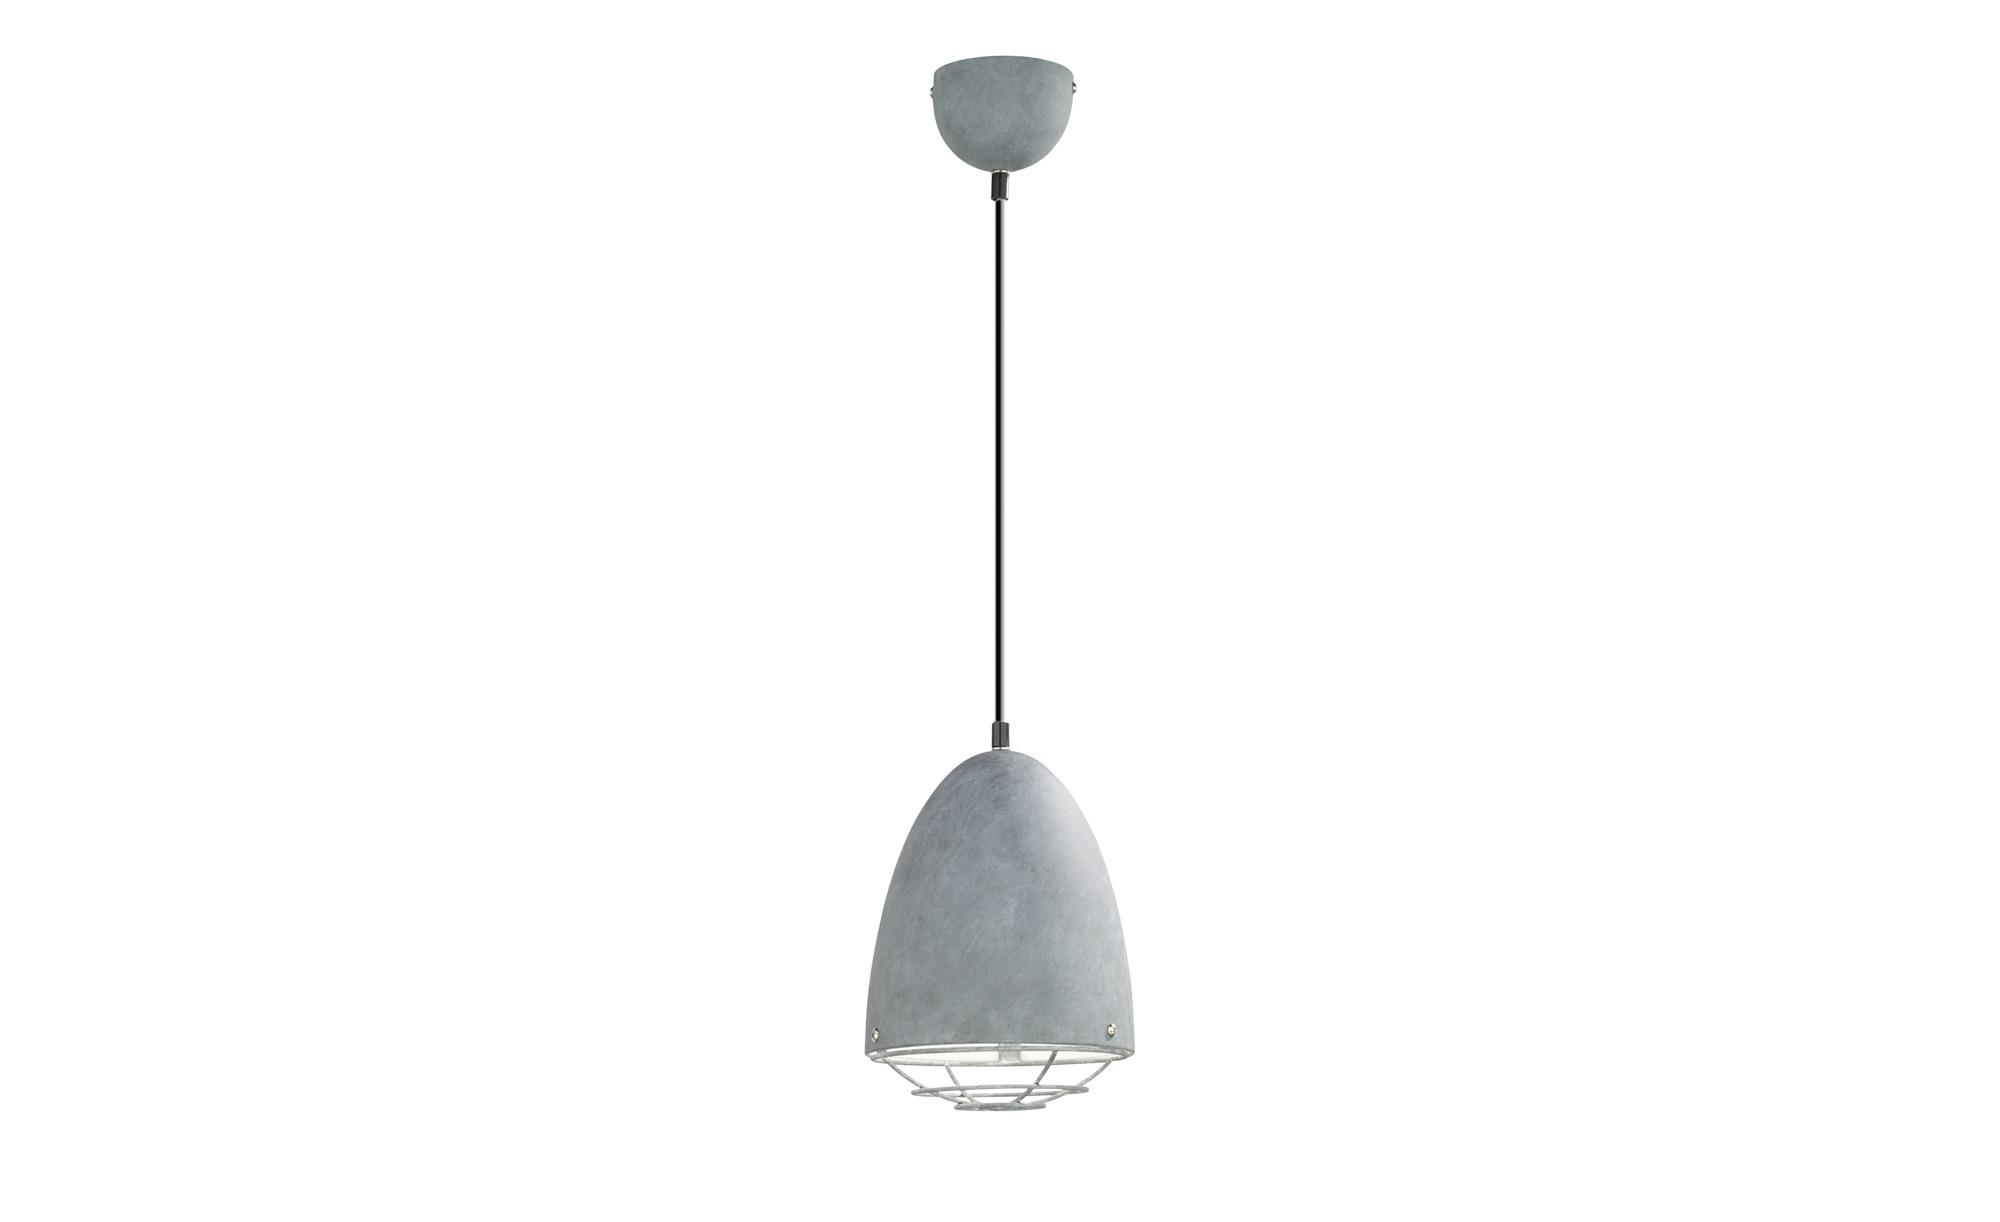 Hängeleuchte 1-flammig ¦ grau ¦ Maße (cm): H: 150 Ø: 19 Lampen & Leuchten > Innenleuchten > Pendelleuchten - Höffner